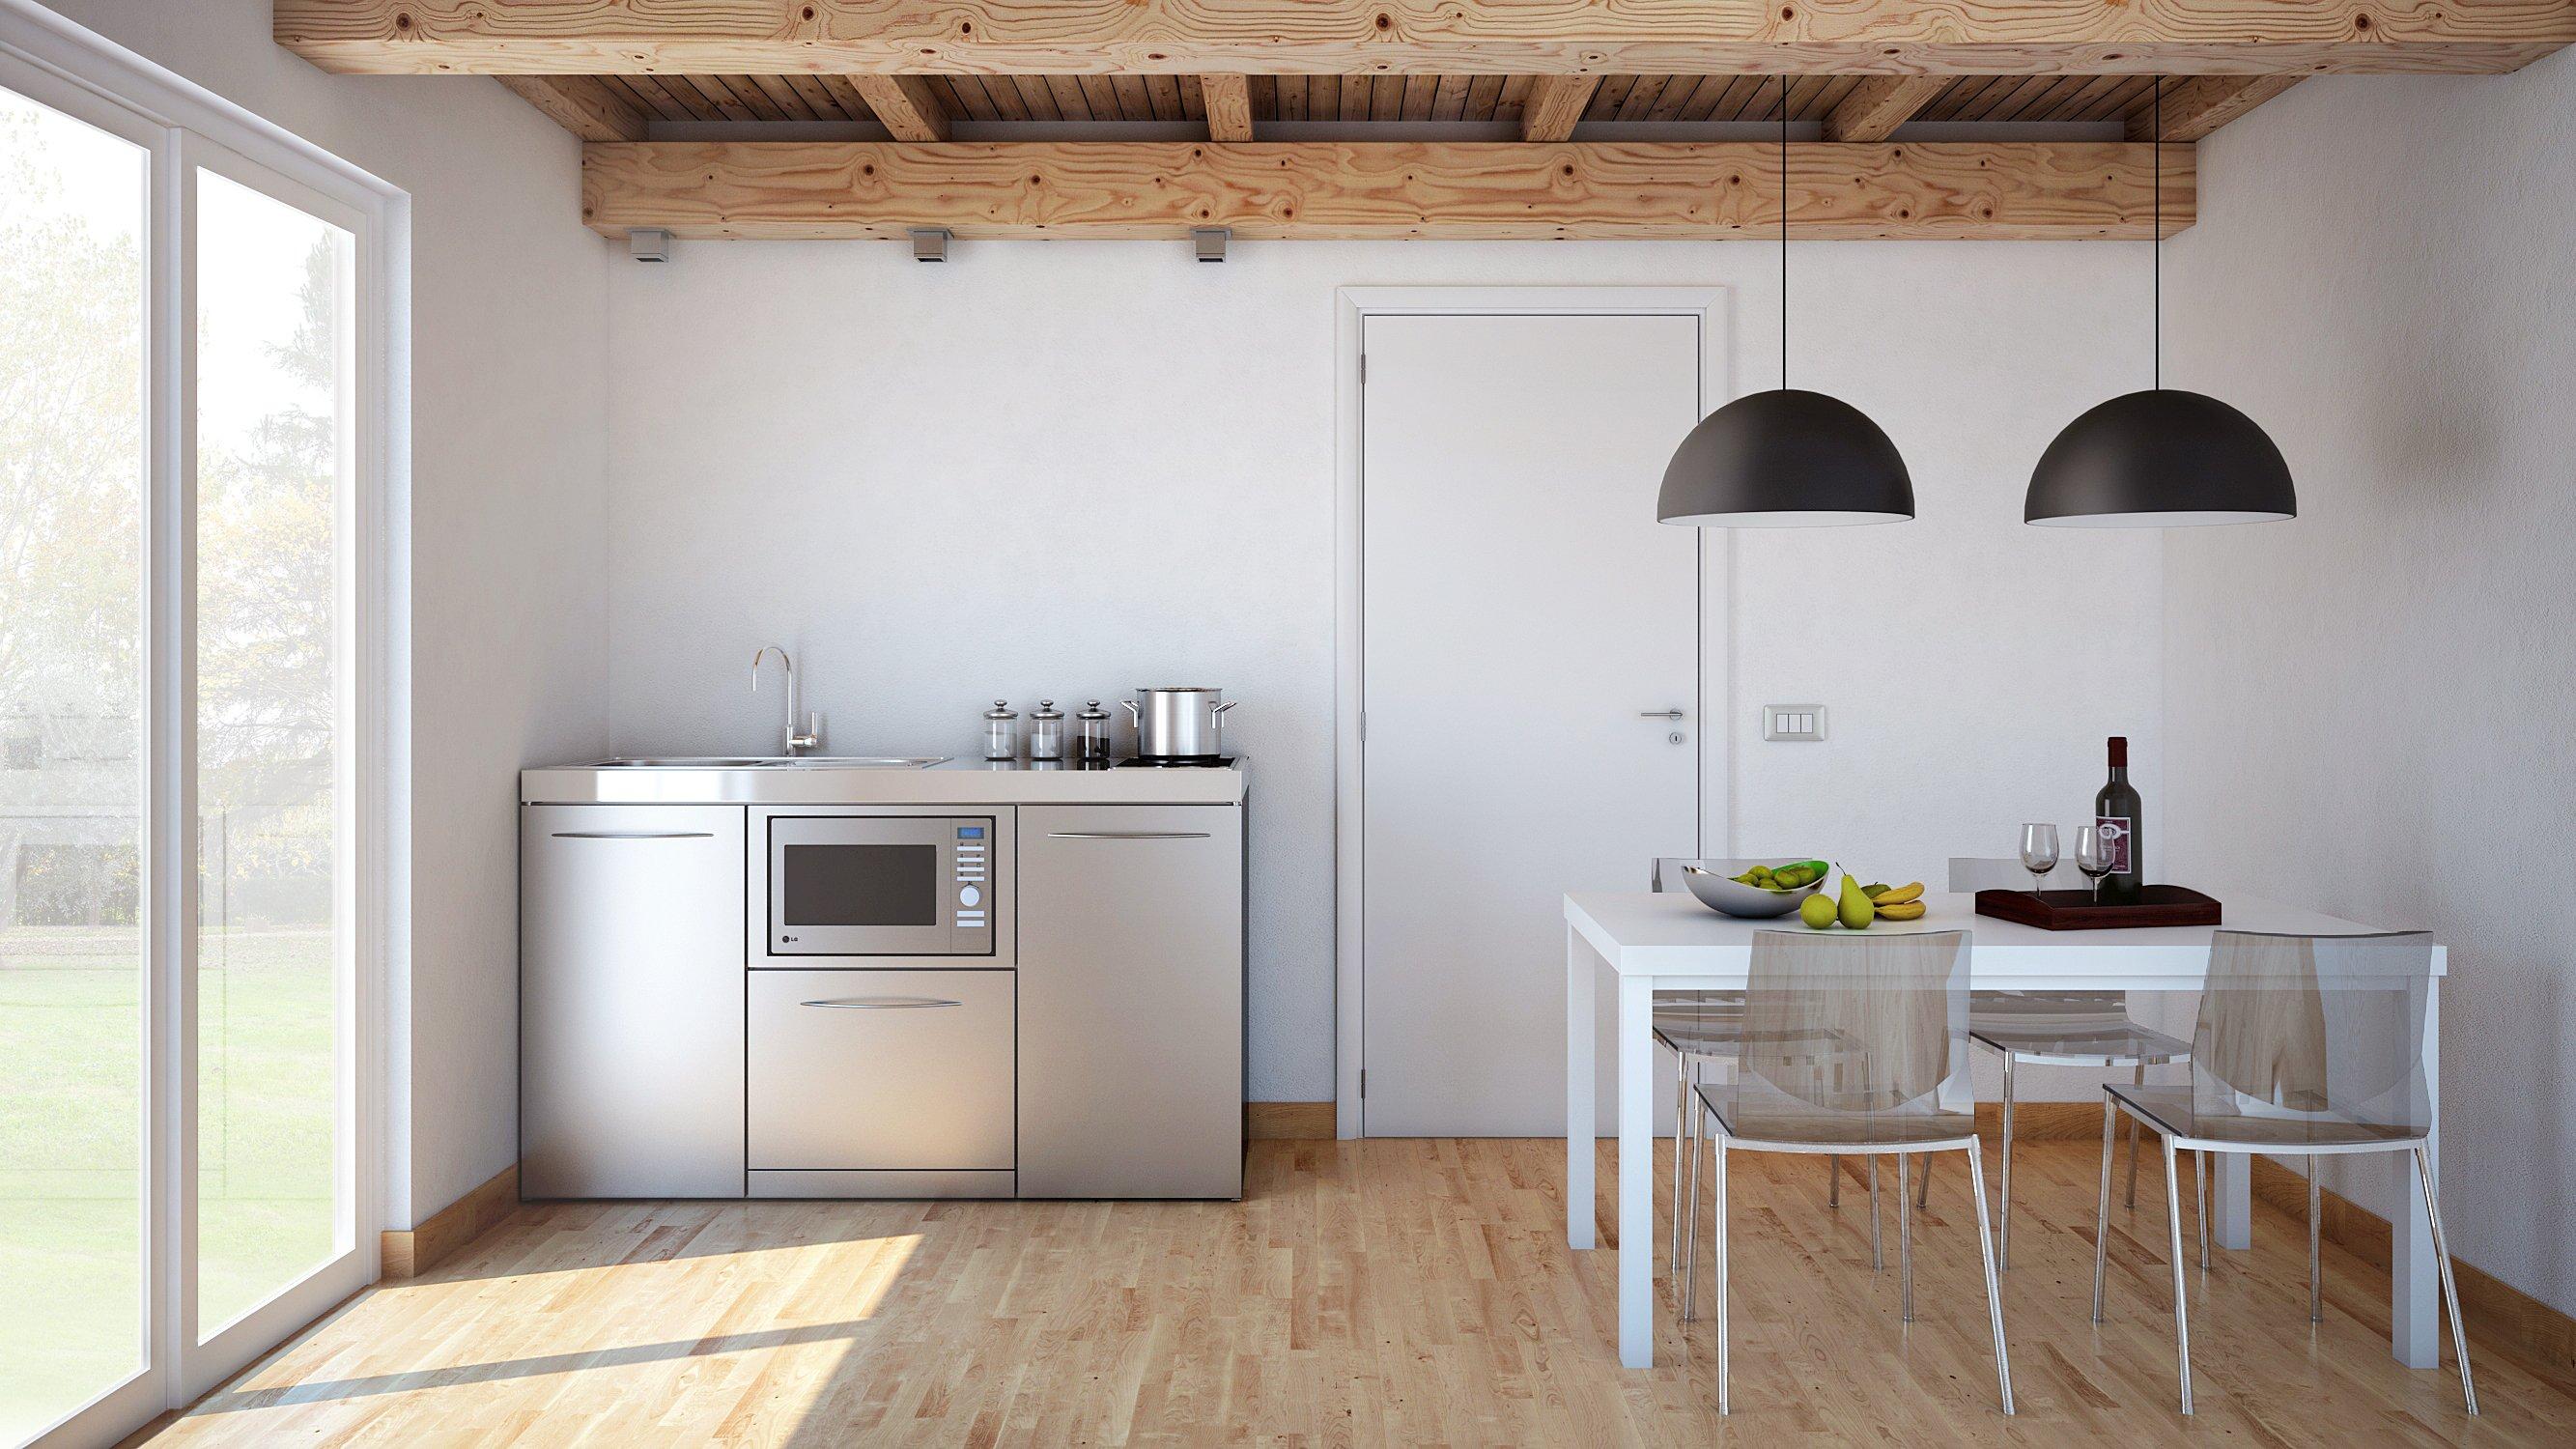 Blocco lavello fabulous sinks with blocco lavello - Vendita top cucina ...